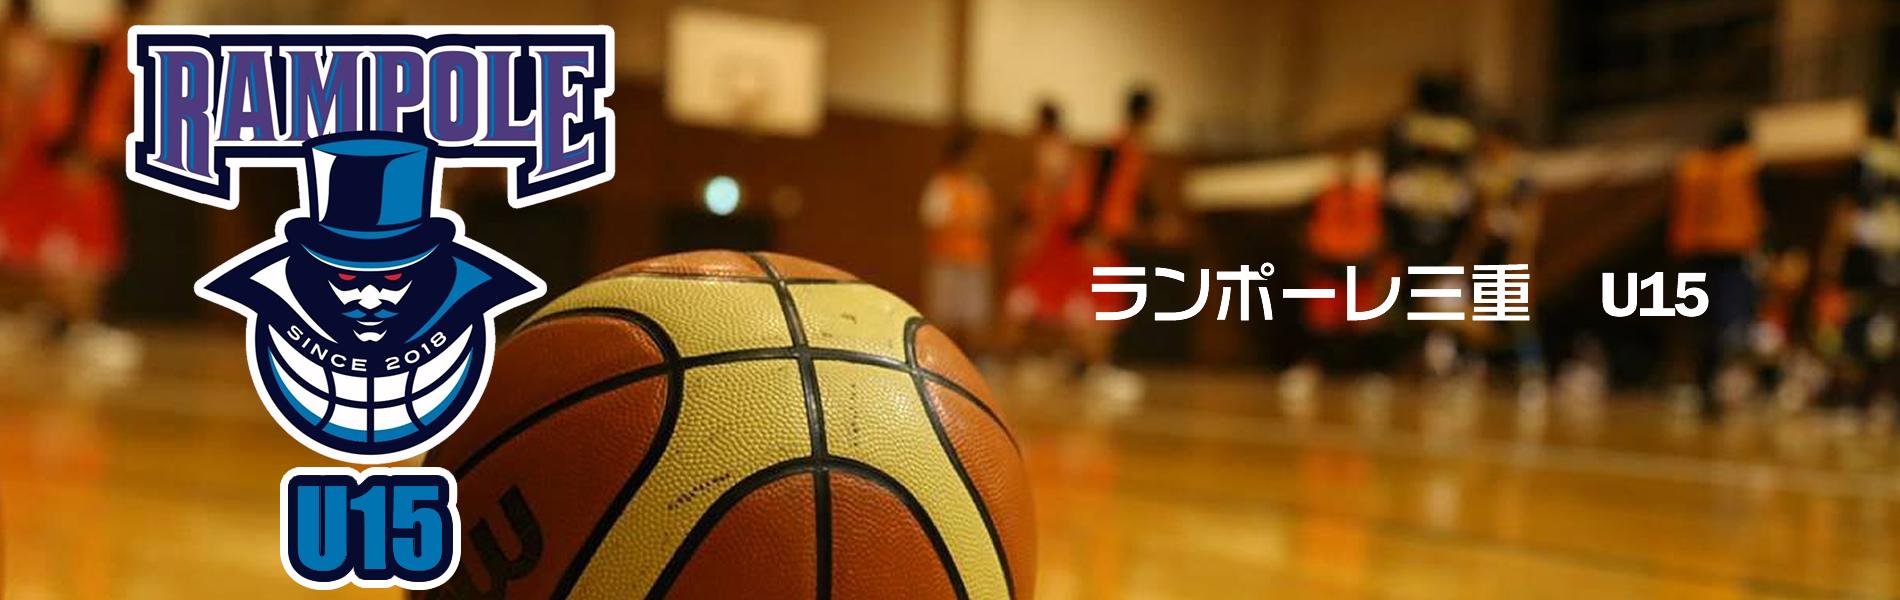 ランポーレ三重バスケットボール U15